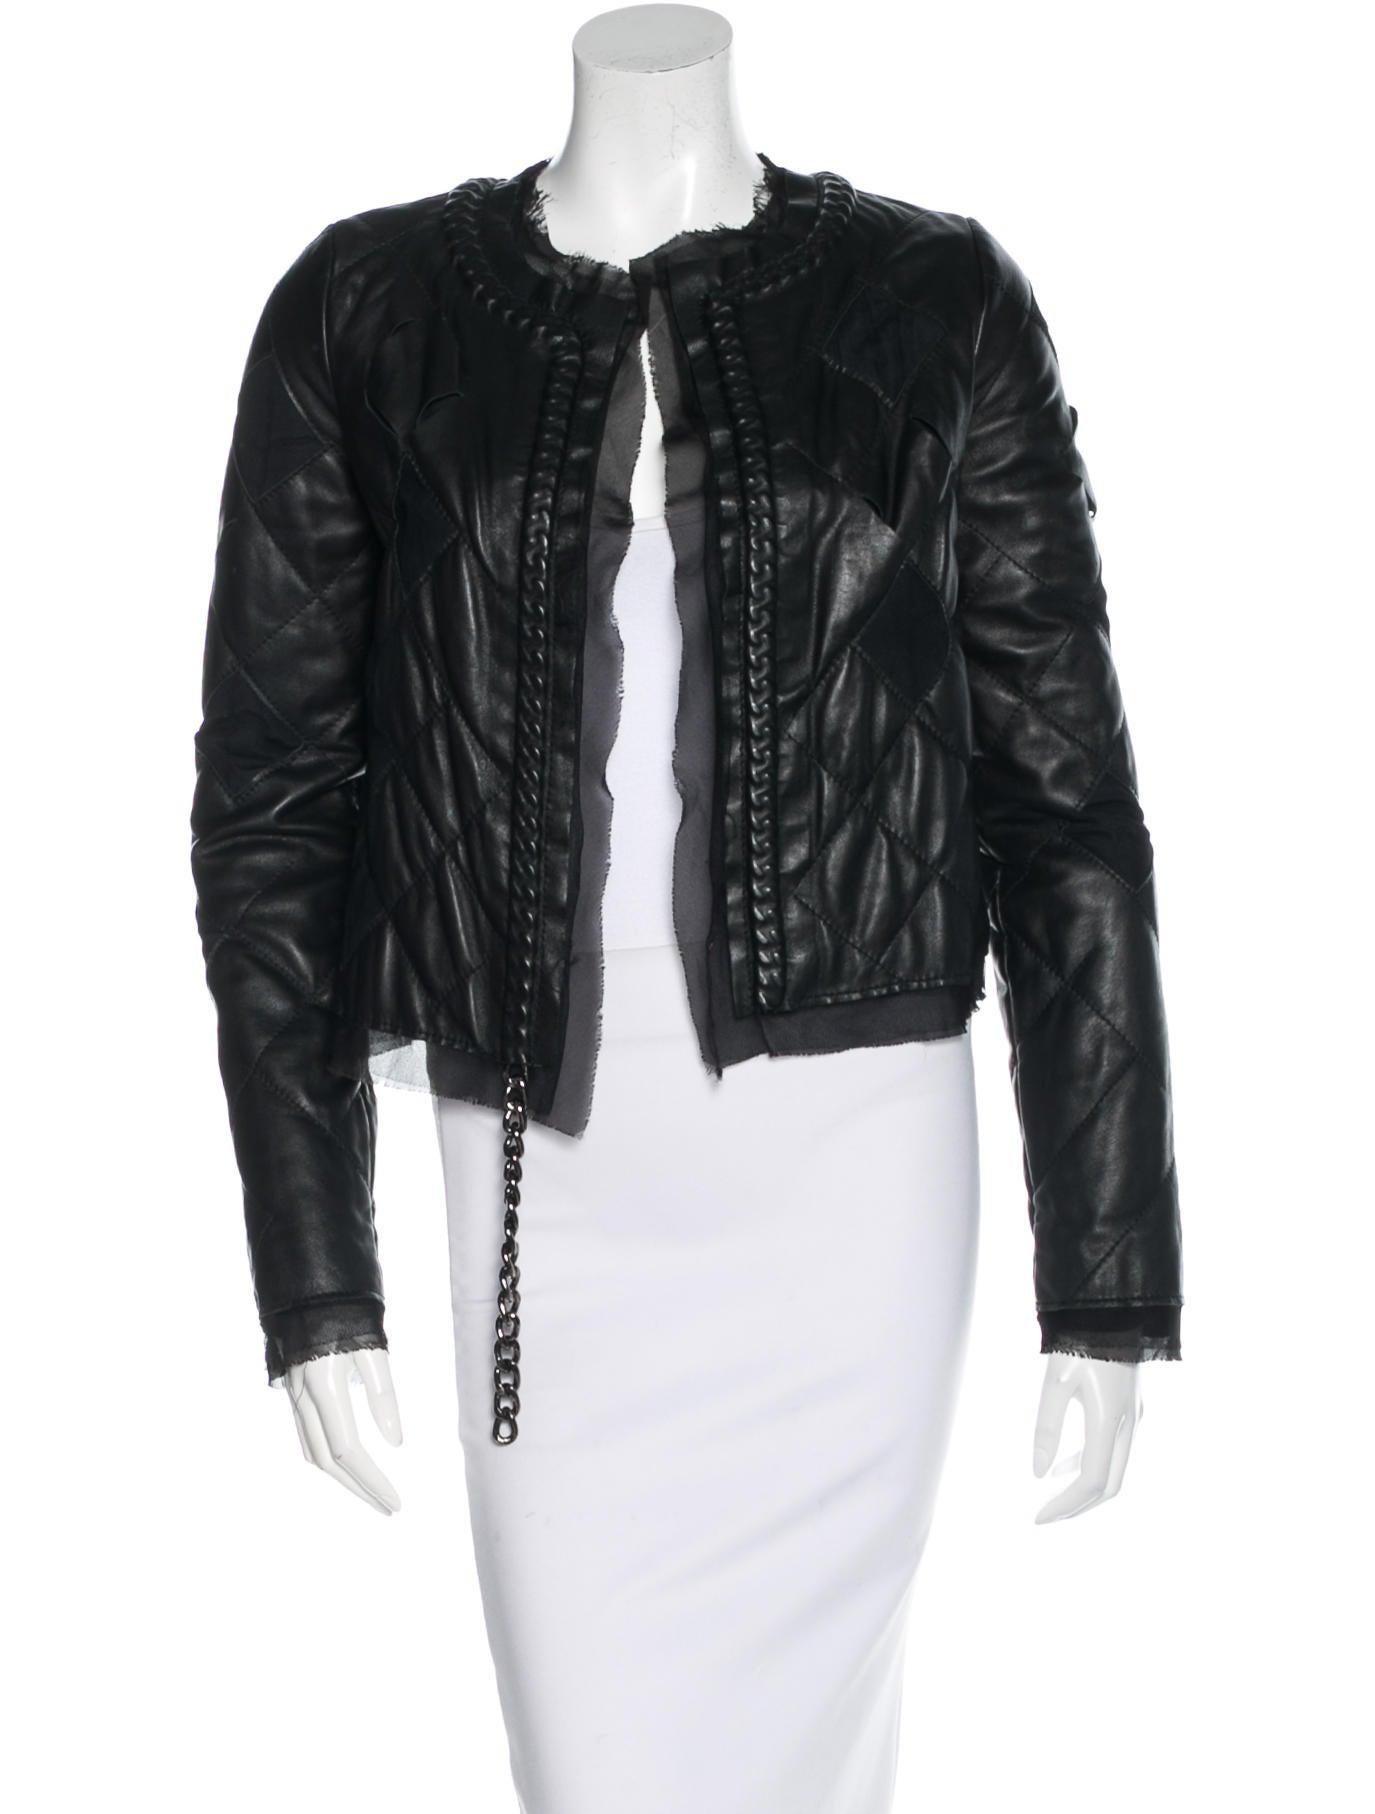 Maison martin margiela leather jacket